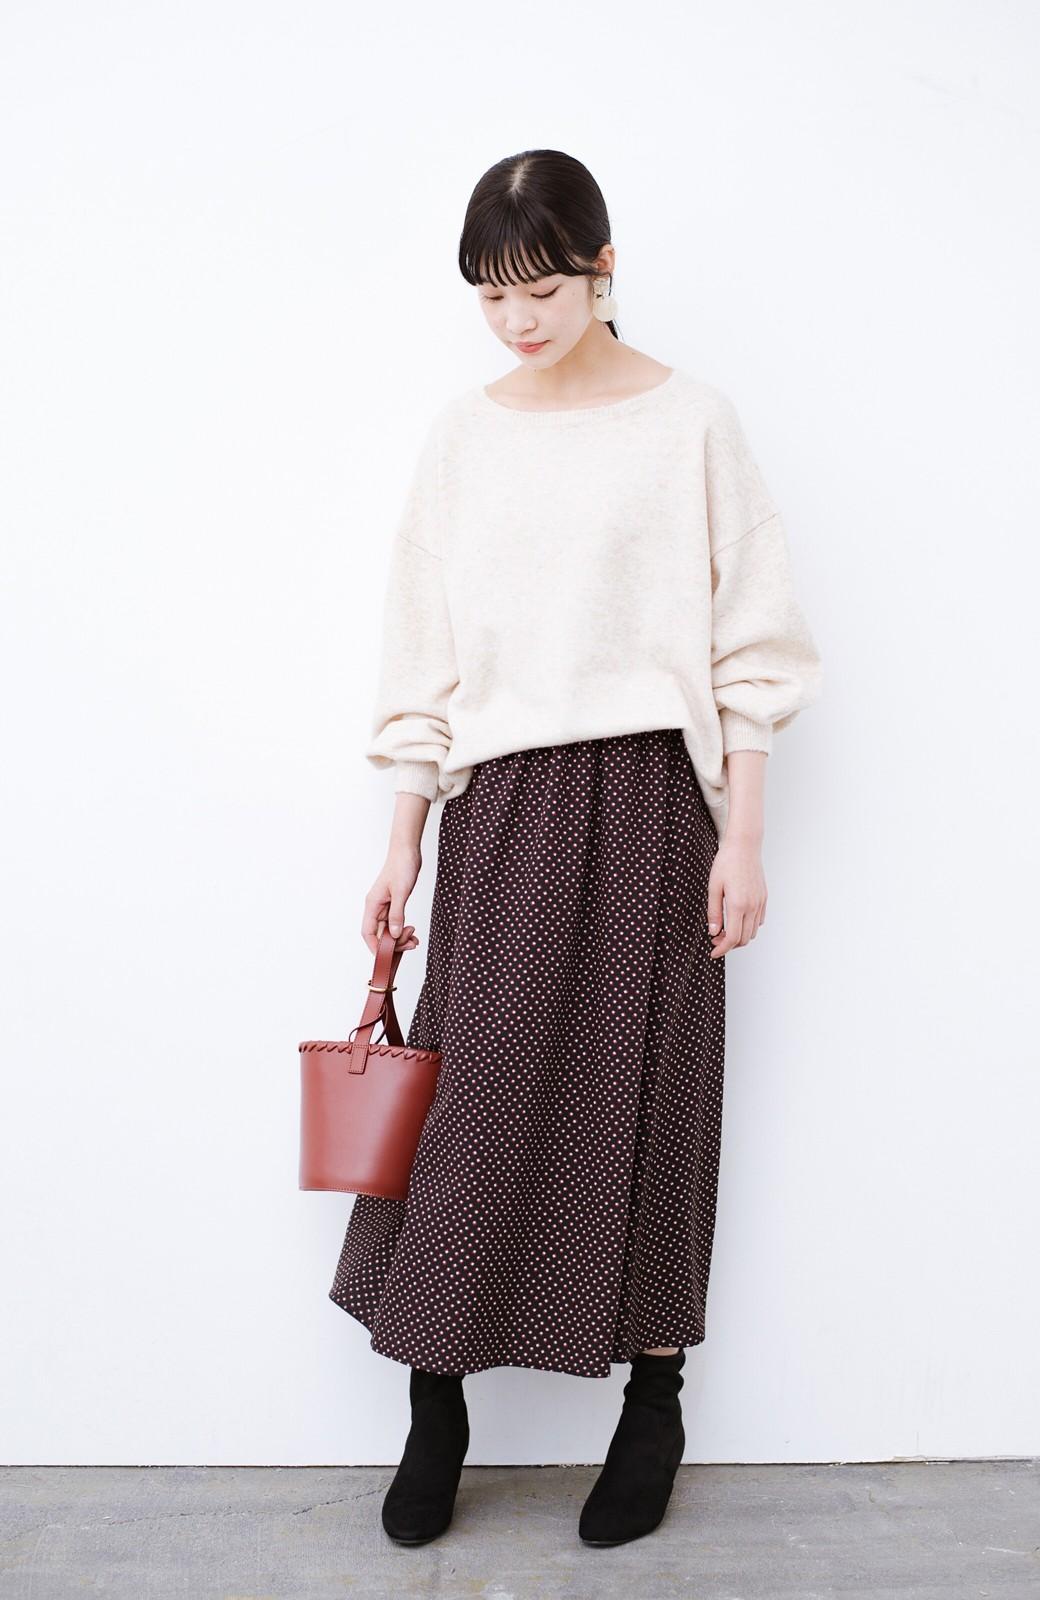 haco! デニムにもスカートにも似合う!すぽっと履けてスタイルアップが叶う女っぽフェイクスエードブーツ <ブラック>の商品写真18